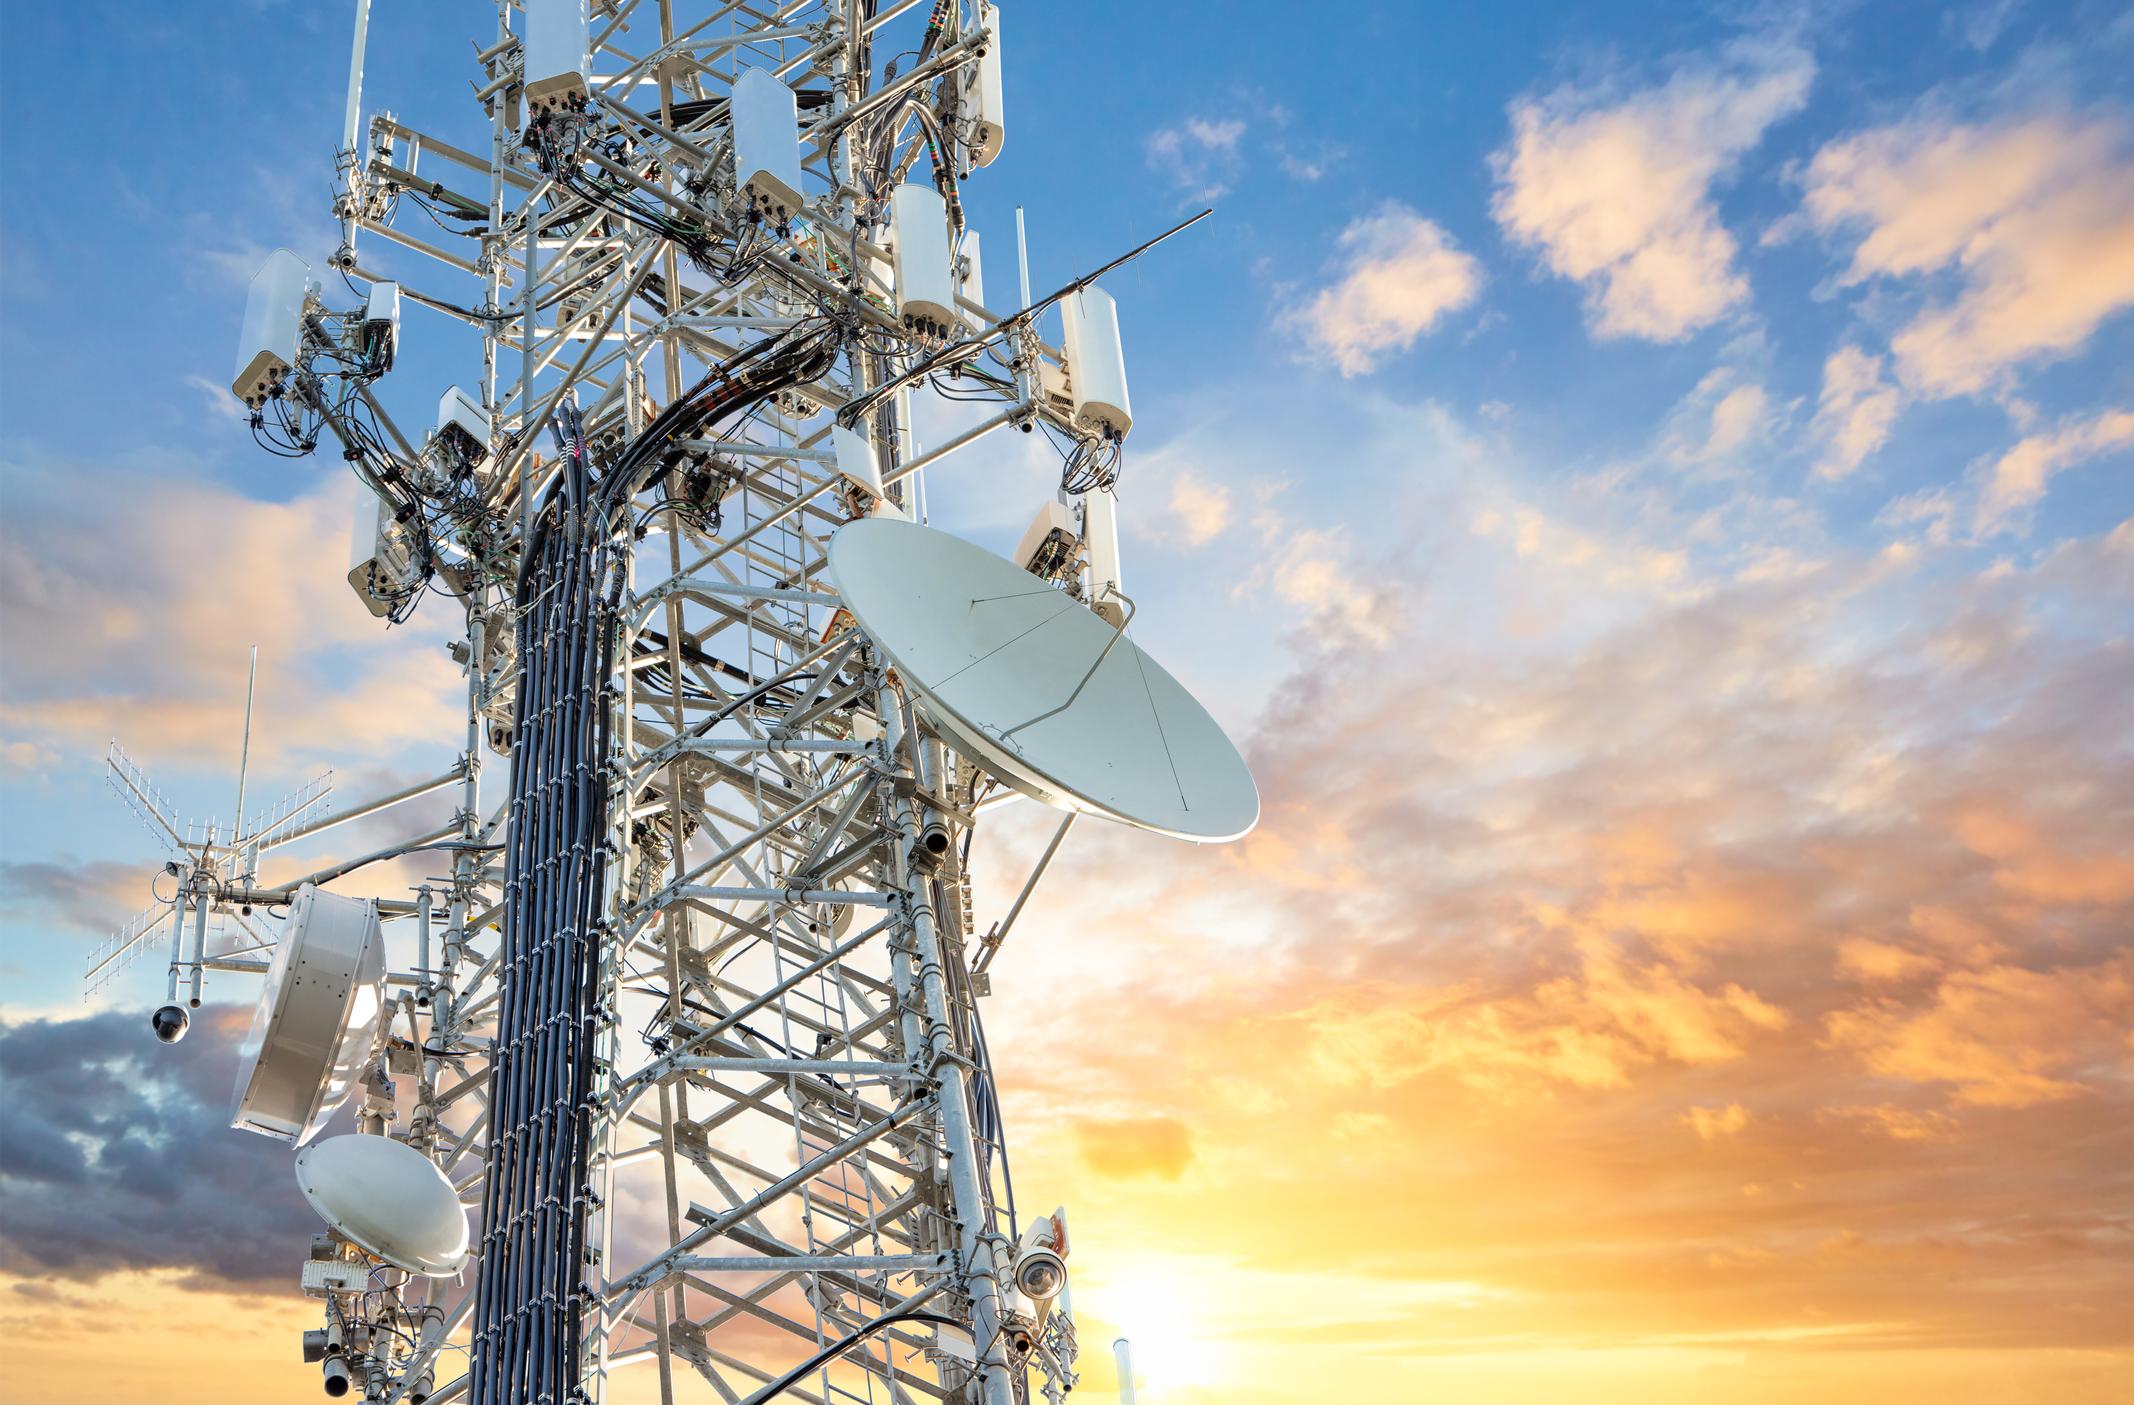 5G mobile data